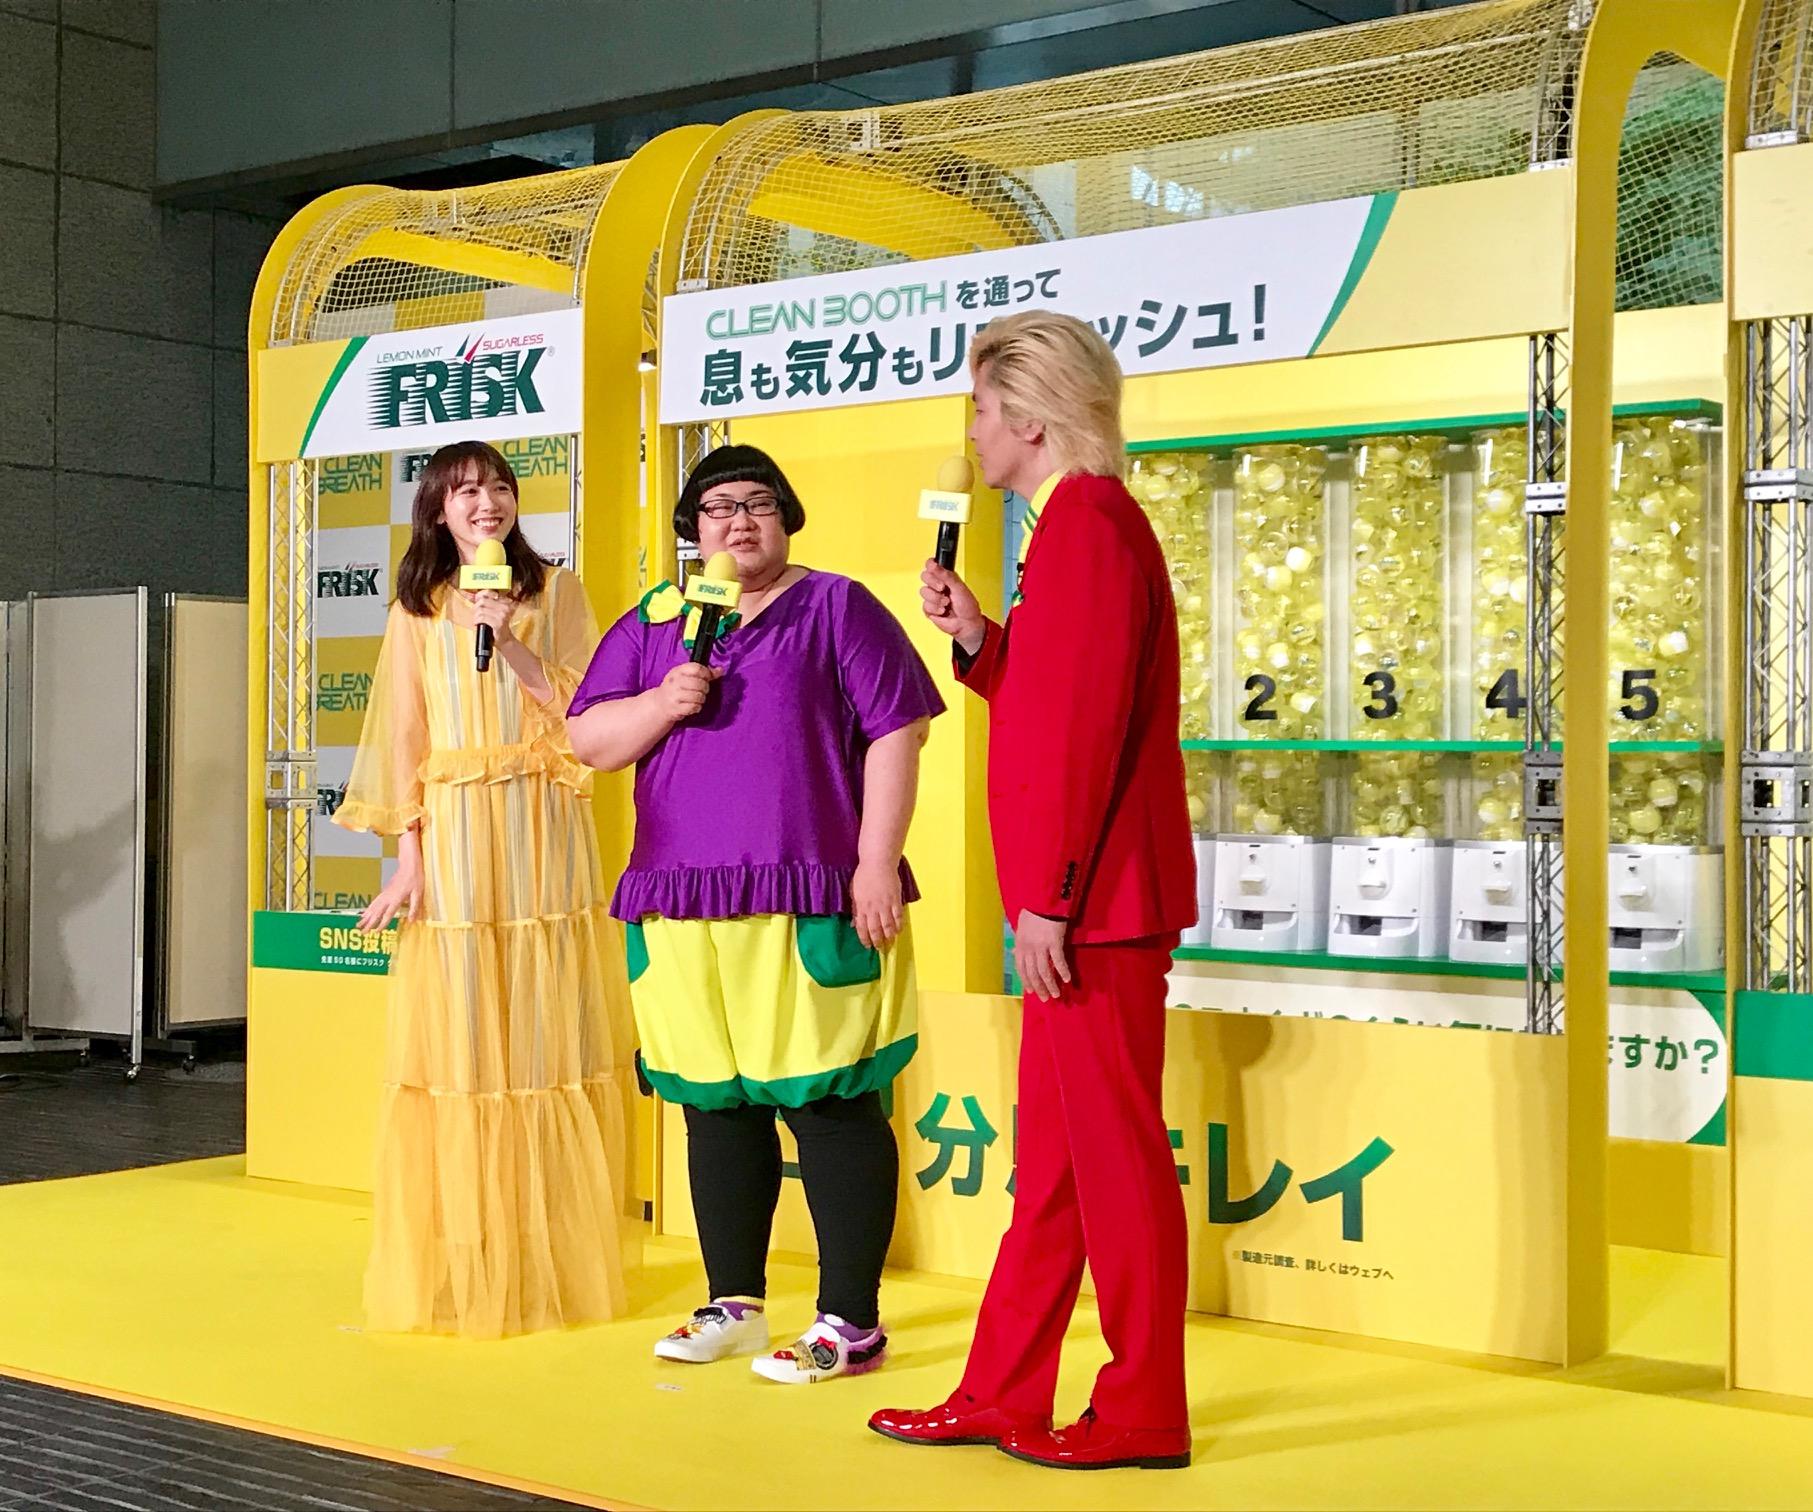 飯豊まりえ、カズレーザーさん、安藤なつさんが「フリスク クリーンブレス」新作発表会に登場!_2